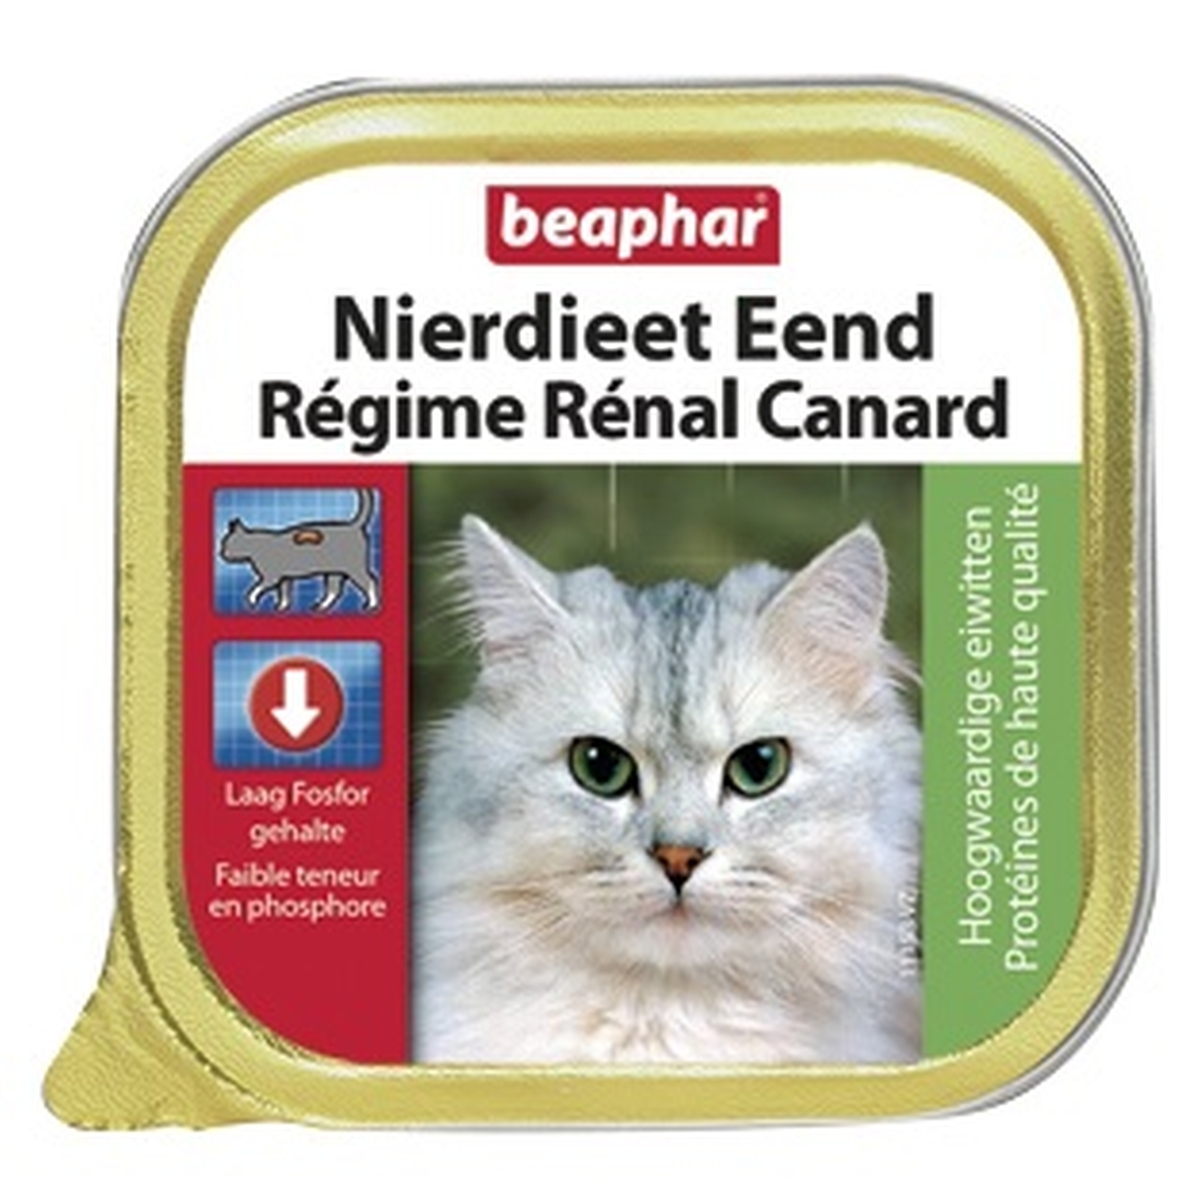 Beaphar nierdieet kat eend